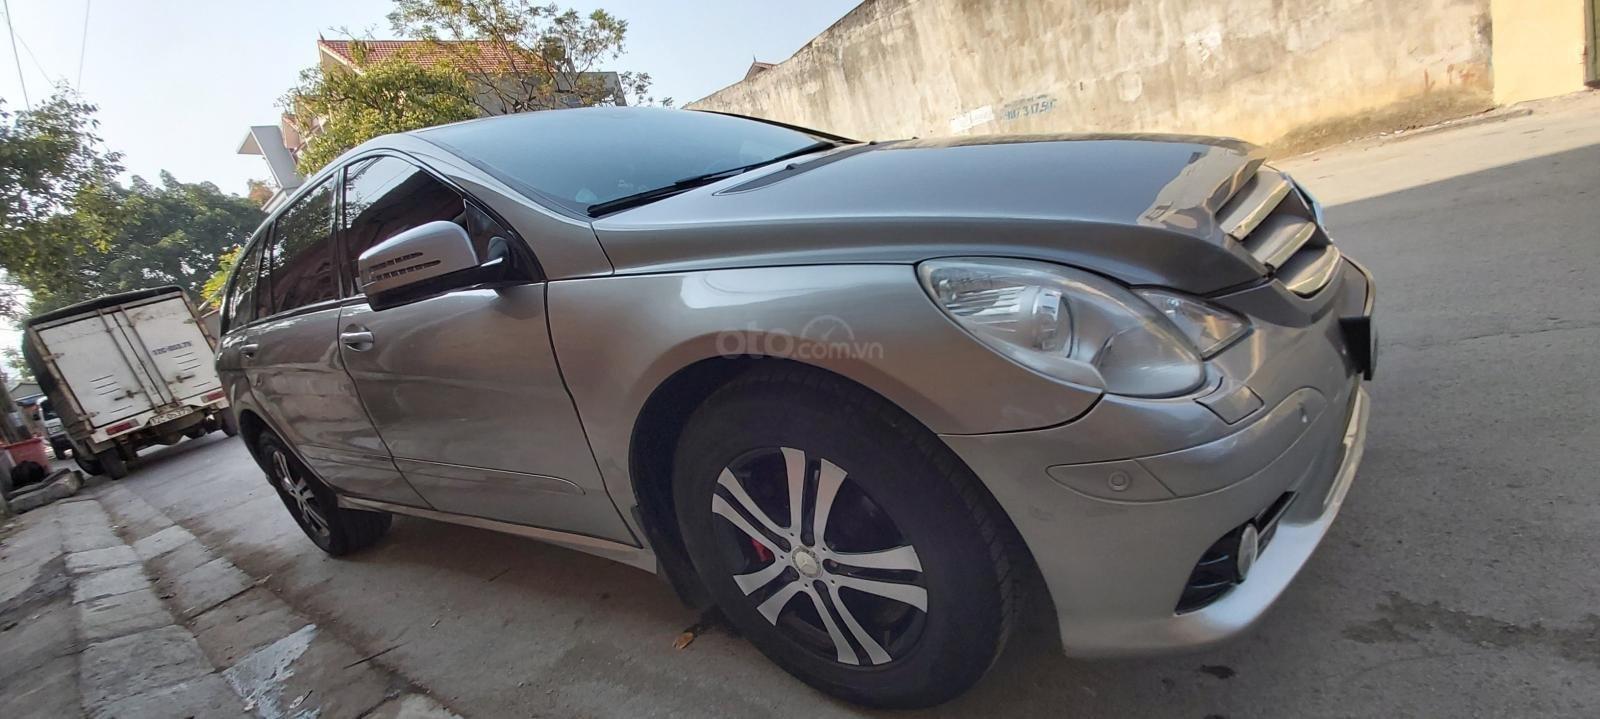 Bán ôtô Mescendes R350 mầu bạc nhập khẩu. Liên hệ Mr Huy 0867830886 (6)